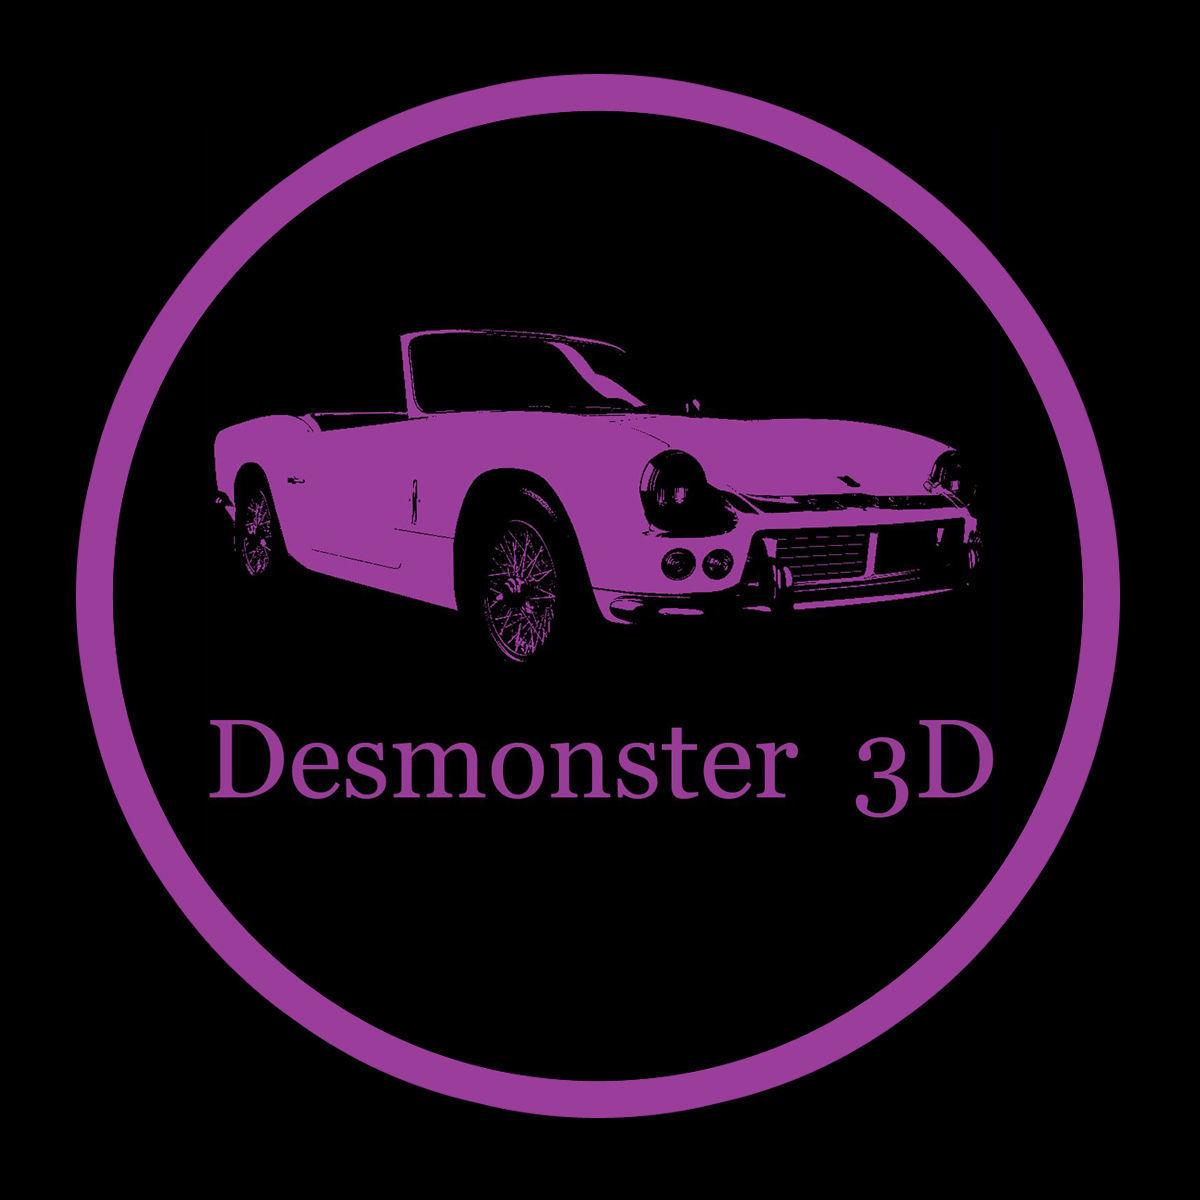 desmonster